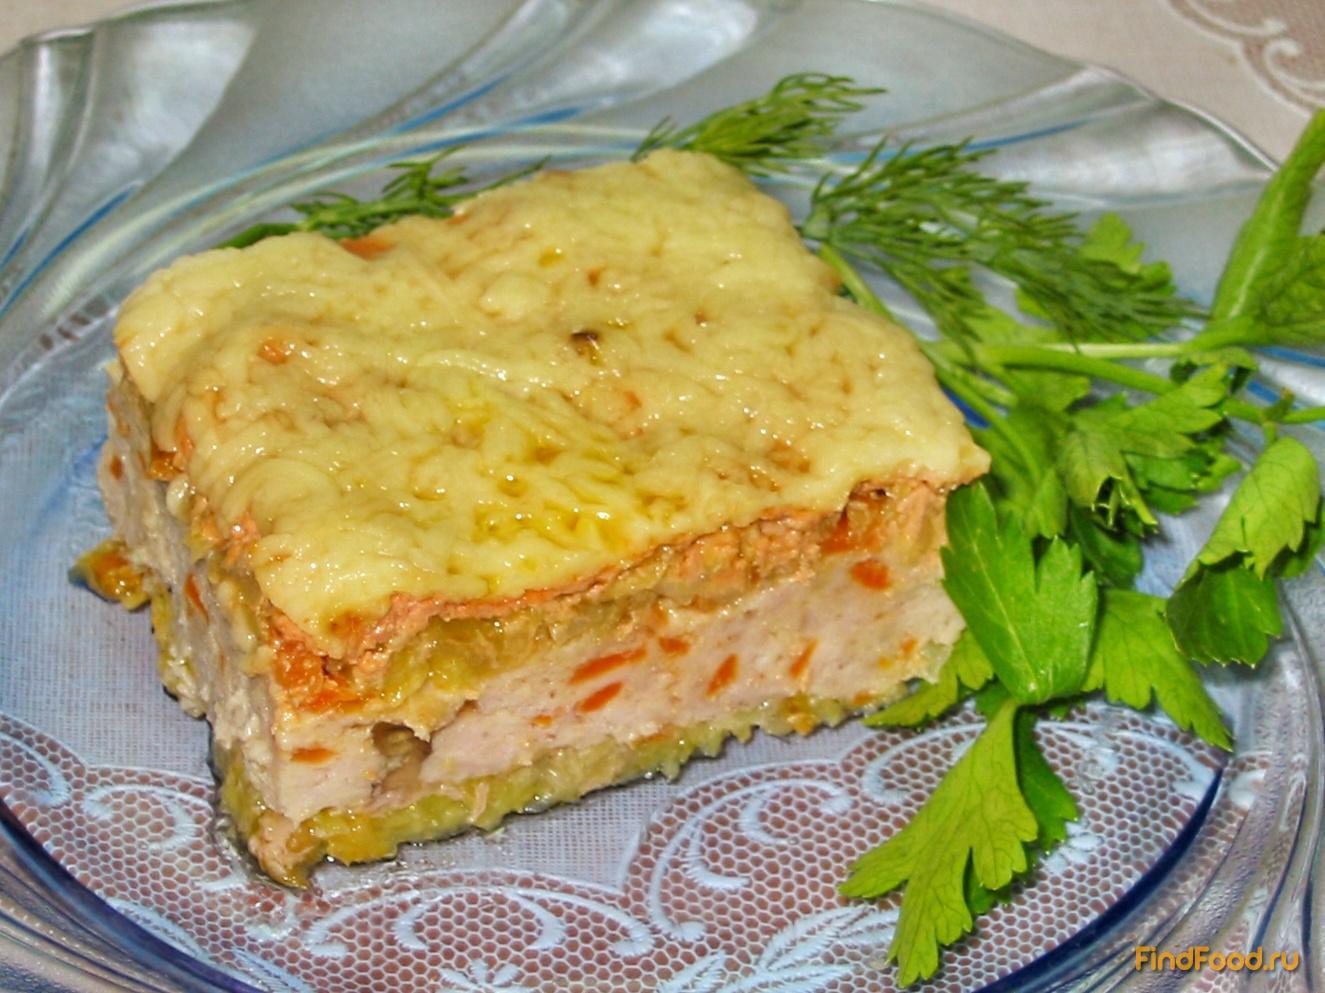 Картофельная запеканка с яйцом в духовке рецепты пошагово